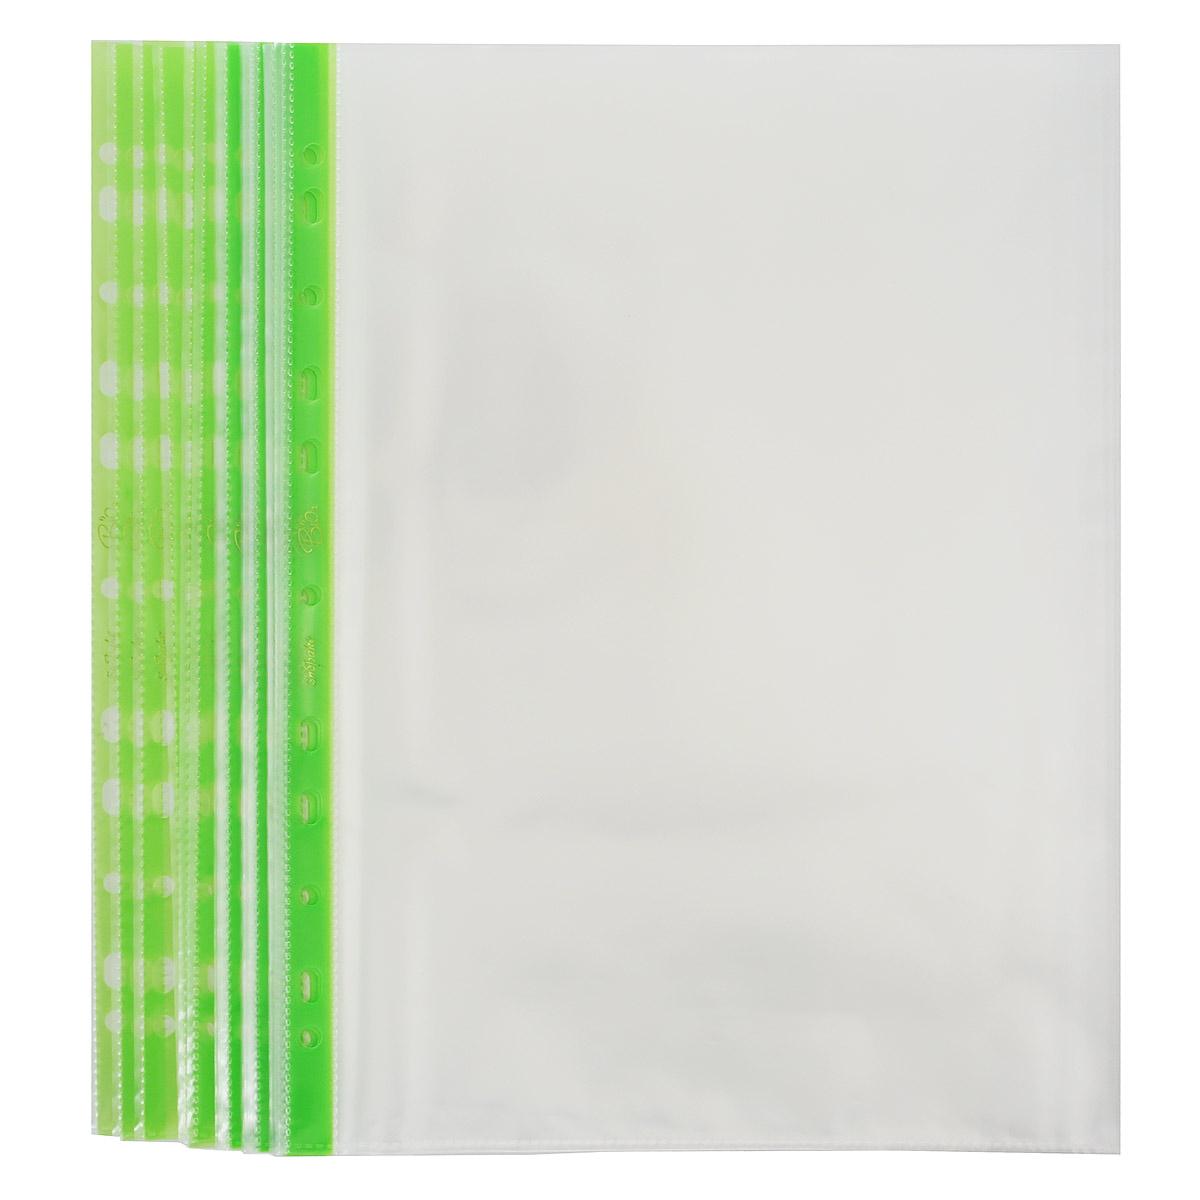 """Прозрачный файл-вкладыш """"Snopake"""" изготовлен из высококачественного полипропилена и отлично подойдет для подшивки документов в архивные папки без перфорирования дыроколом. Прозрачный файл обеспечит сохранность листов, надежно защищая документы от пыли и повреждений. Универсальная перфорация совместима с любыми видами архивных папок. Комплект включает в себя 25 файлов-вкладышей."""